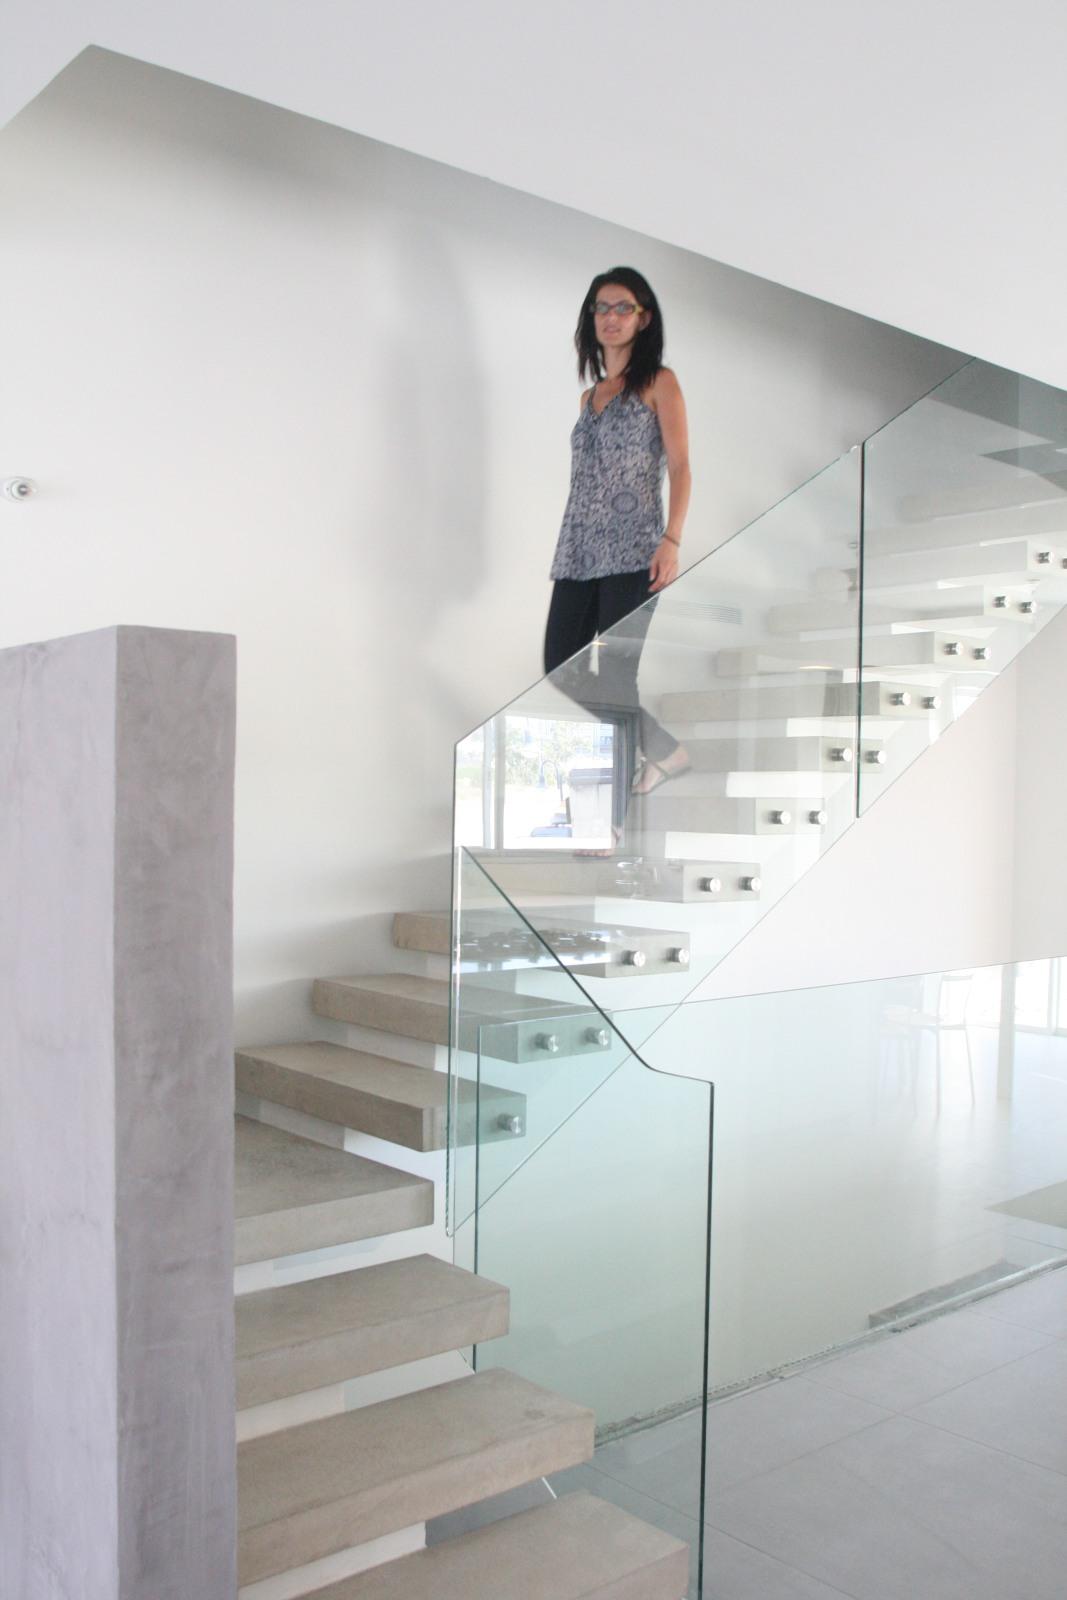 מדרגות בטון מרחפות. אדריכלות מודרנית בשוהם